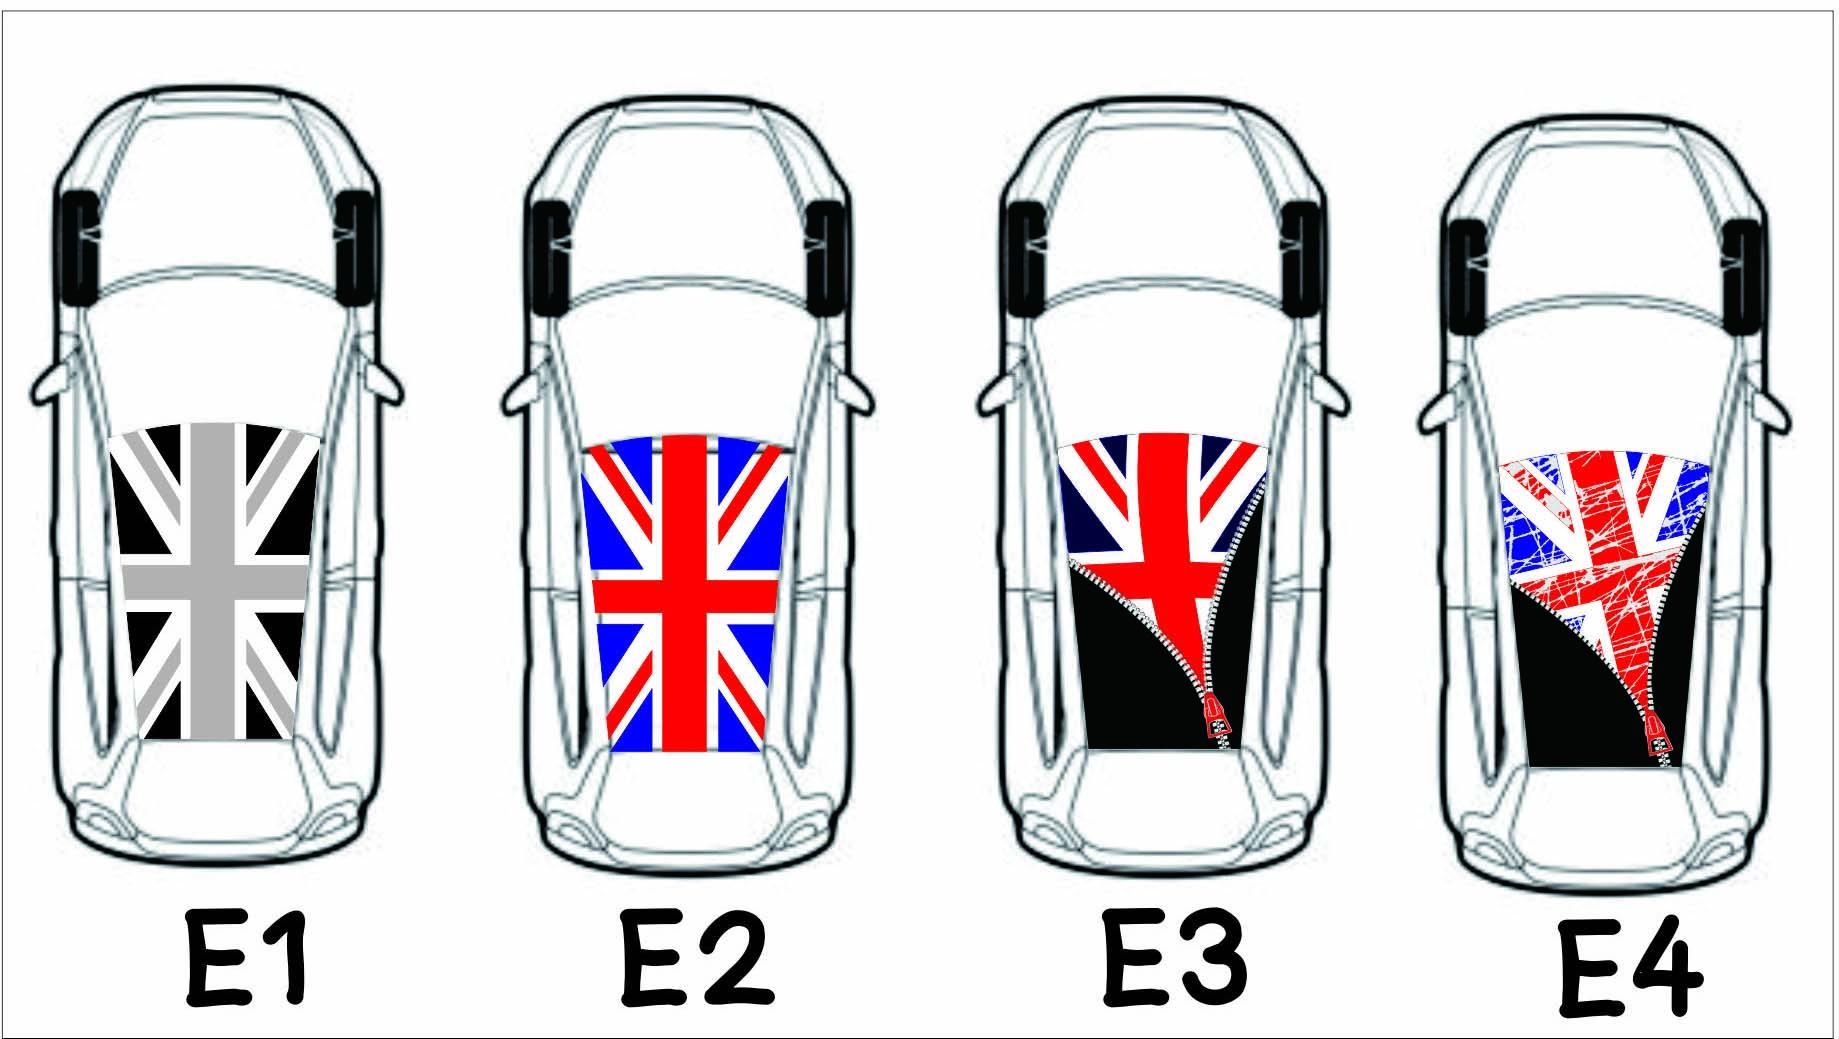 ลาย pual smith พอลสมิธ ลายธงอังกฤษ ติดสติกเกอร์หลังคารถ สติกเกอร์ลายธงอังกฤษ หลังคามินิคูเปอร์ สติกเกอร์หลังคารถ หลังคาลายพอลสมิธ ติดหลังคารถสวิฟ สติกเกอร์หลังคานิสสันมาร์ช  สติกเกอร์หลังคารถสวย สติกเกอร์บอมบ์ สติกเกอร์ฟลัช sticker Flush สติกเกอร์ติดกระเป๋าเดินทาง สติกเกอร์การ์ตูน